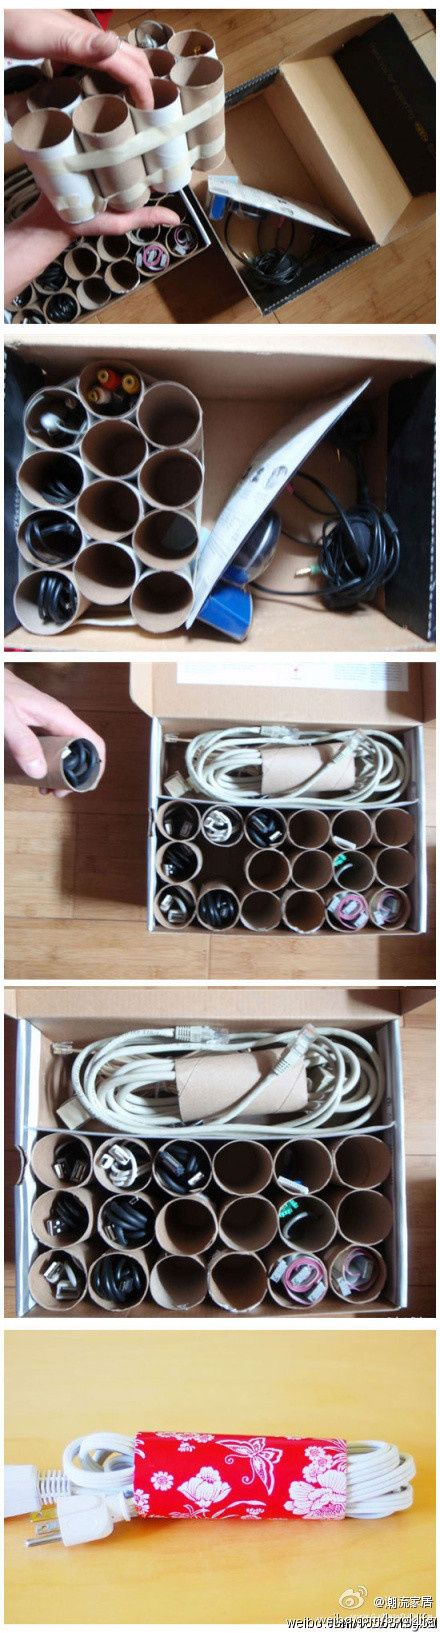 bricolaje> Log in using desecho muy Una sencilla